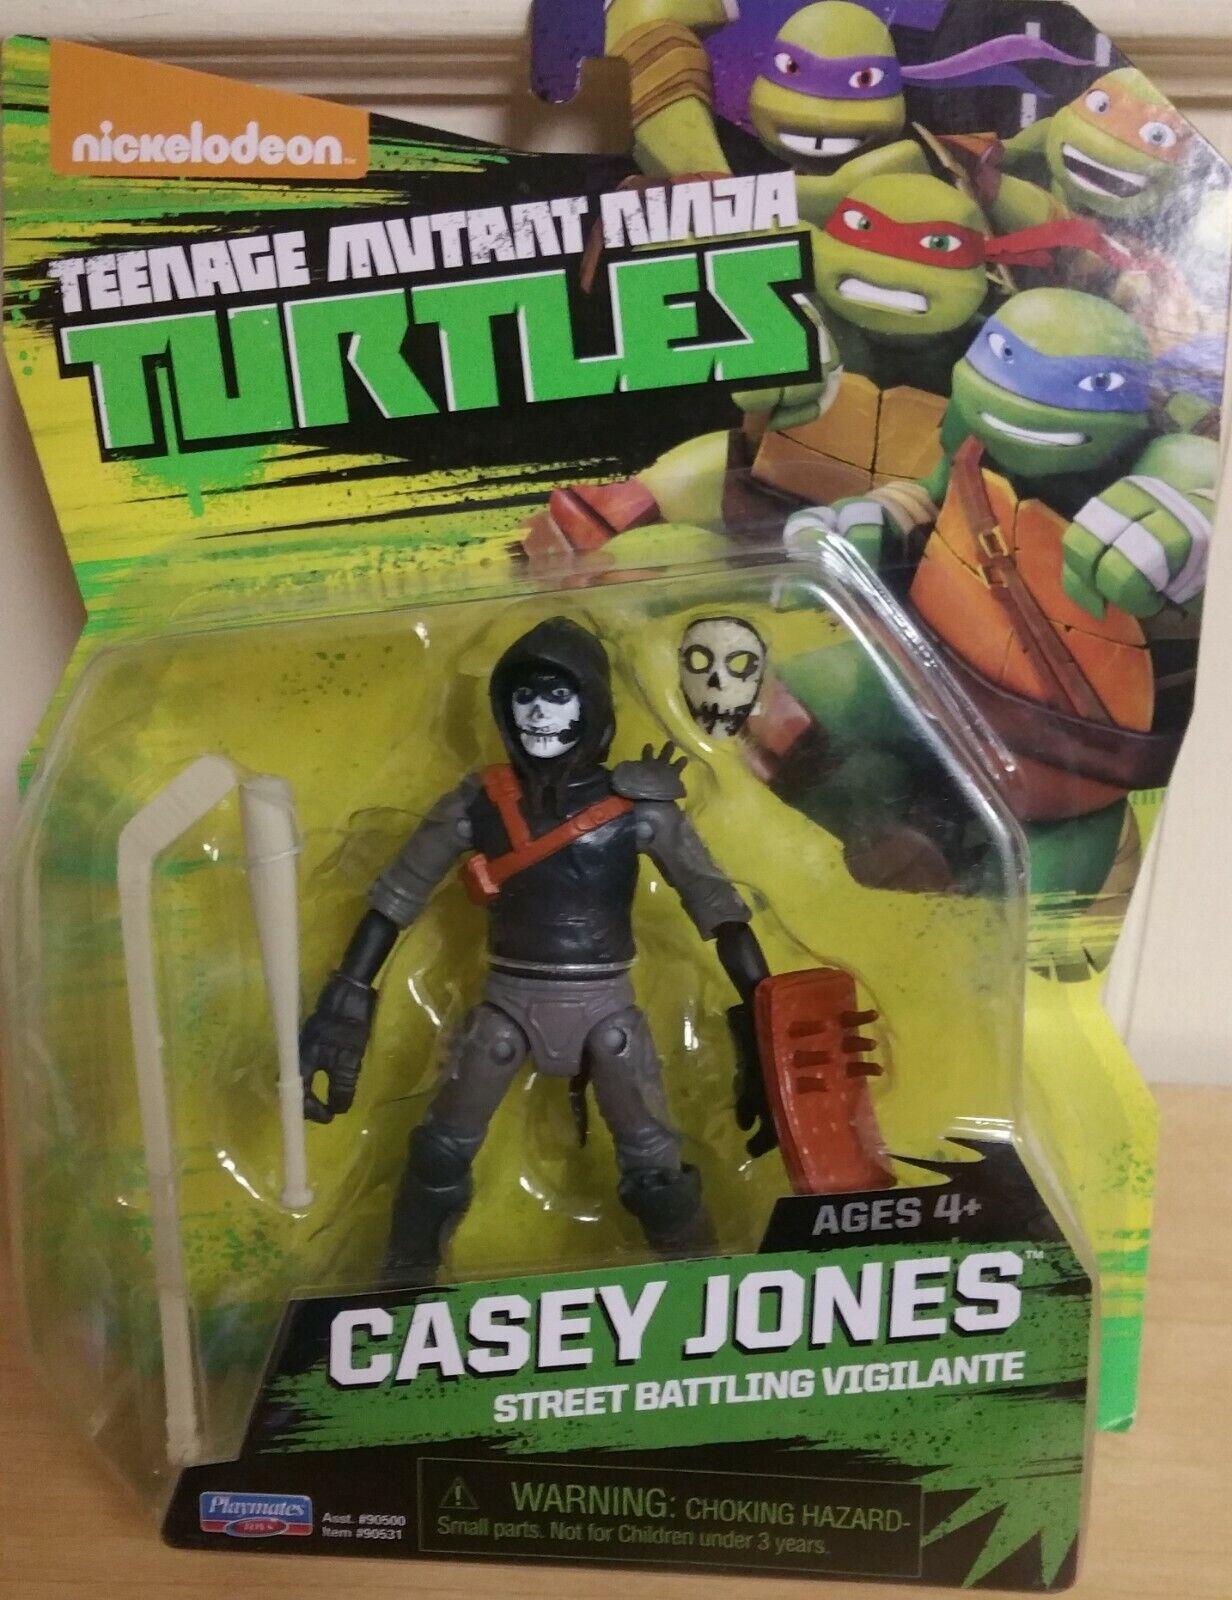 Teenage Mutant Ninja Turtles Casey Jones Action Figure Playmates Toys